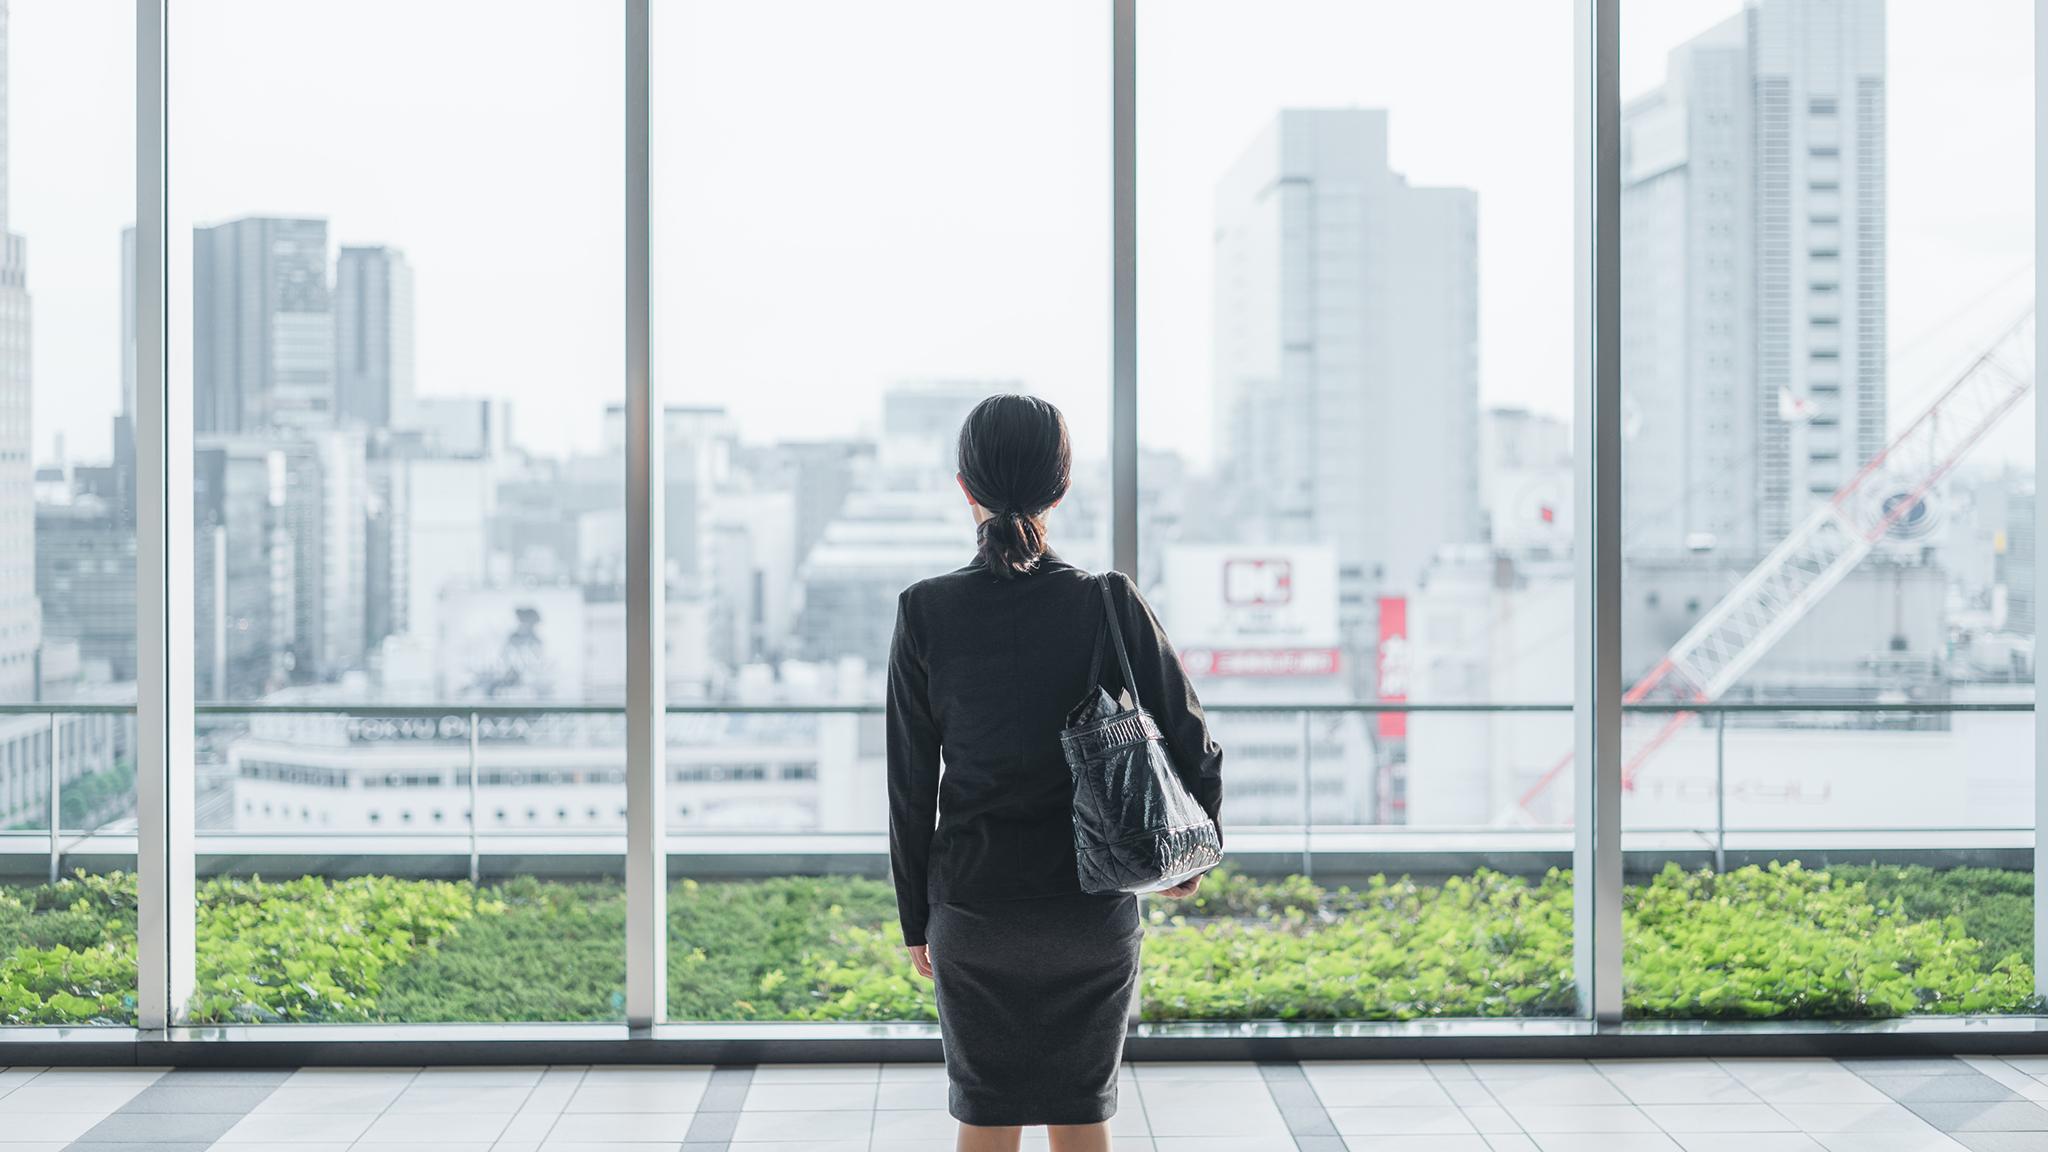 【転職初心者向け】転職活動の流れや進め方を7ステップで解説